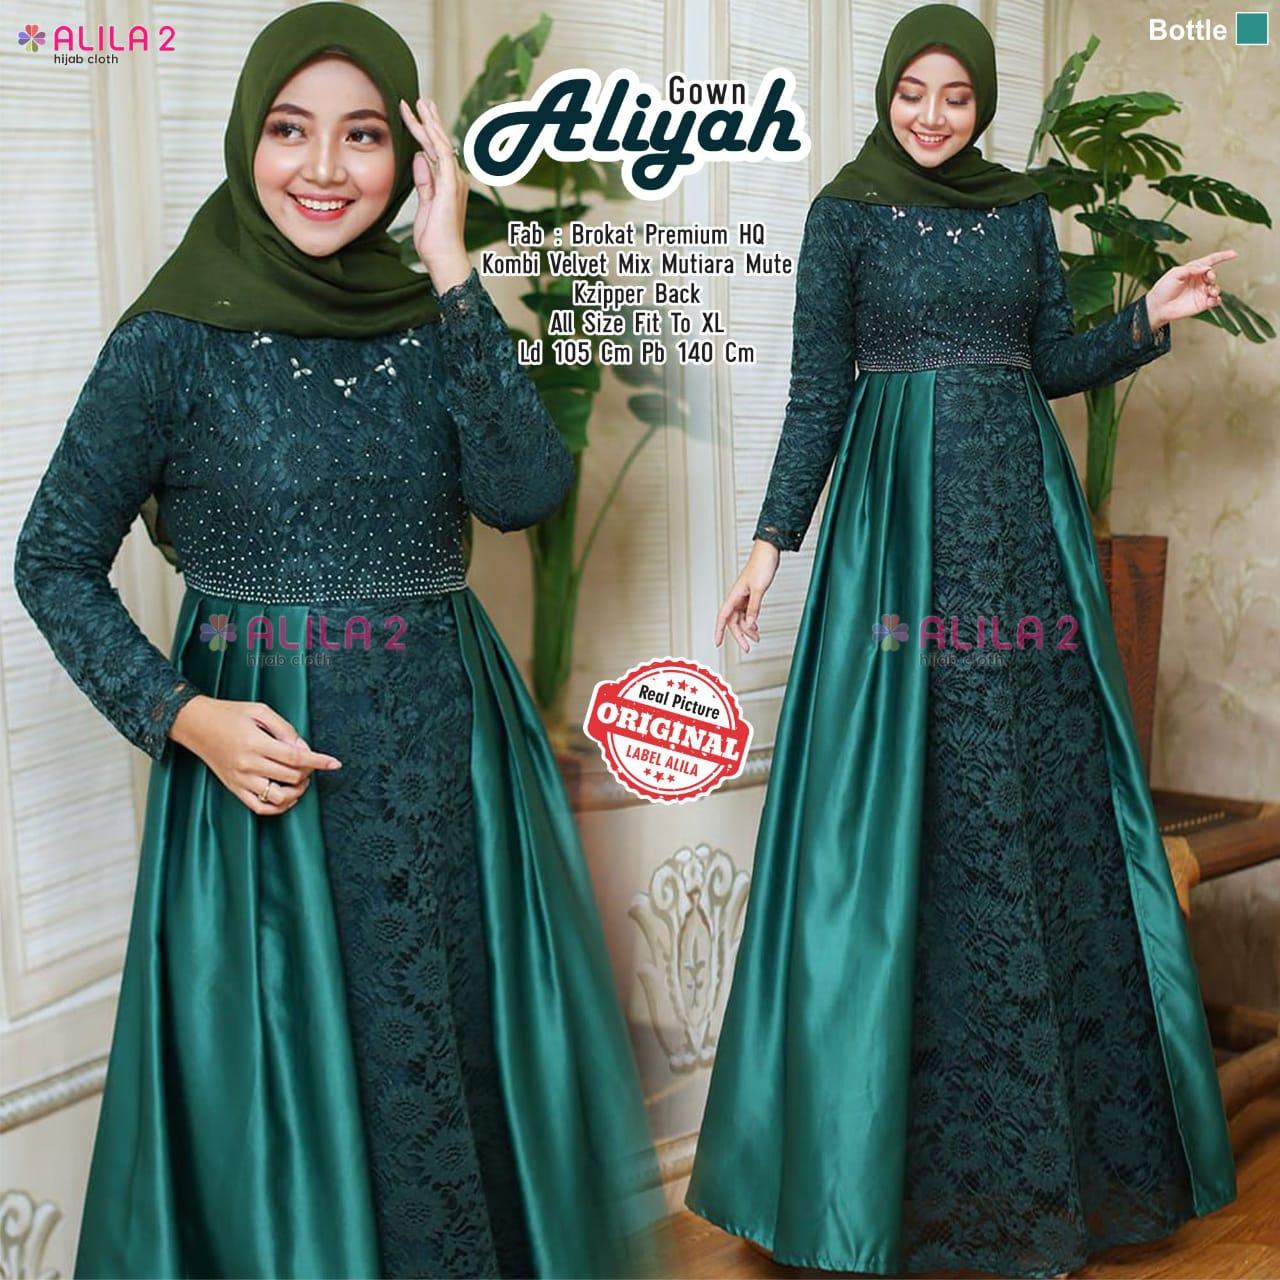 Aliyah Gown Broklat Premium HQ Kombi Velvet Mix Mutiara Mutek |Model Baju Gamis Terbaru 2020 Wanita Berhijab| Gamis Renata|   Baju Gamis Modern Anak Muda| Baju Kebaya Modern Untuk Pesta|  Desain Baju Muslim Modern| Baju Couple Muslim Remaja